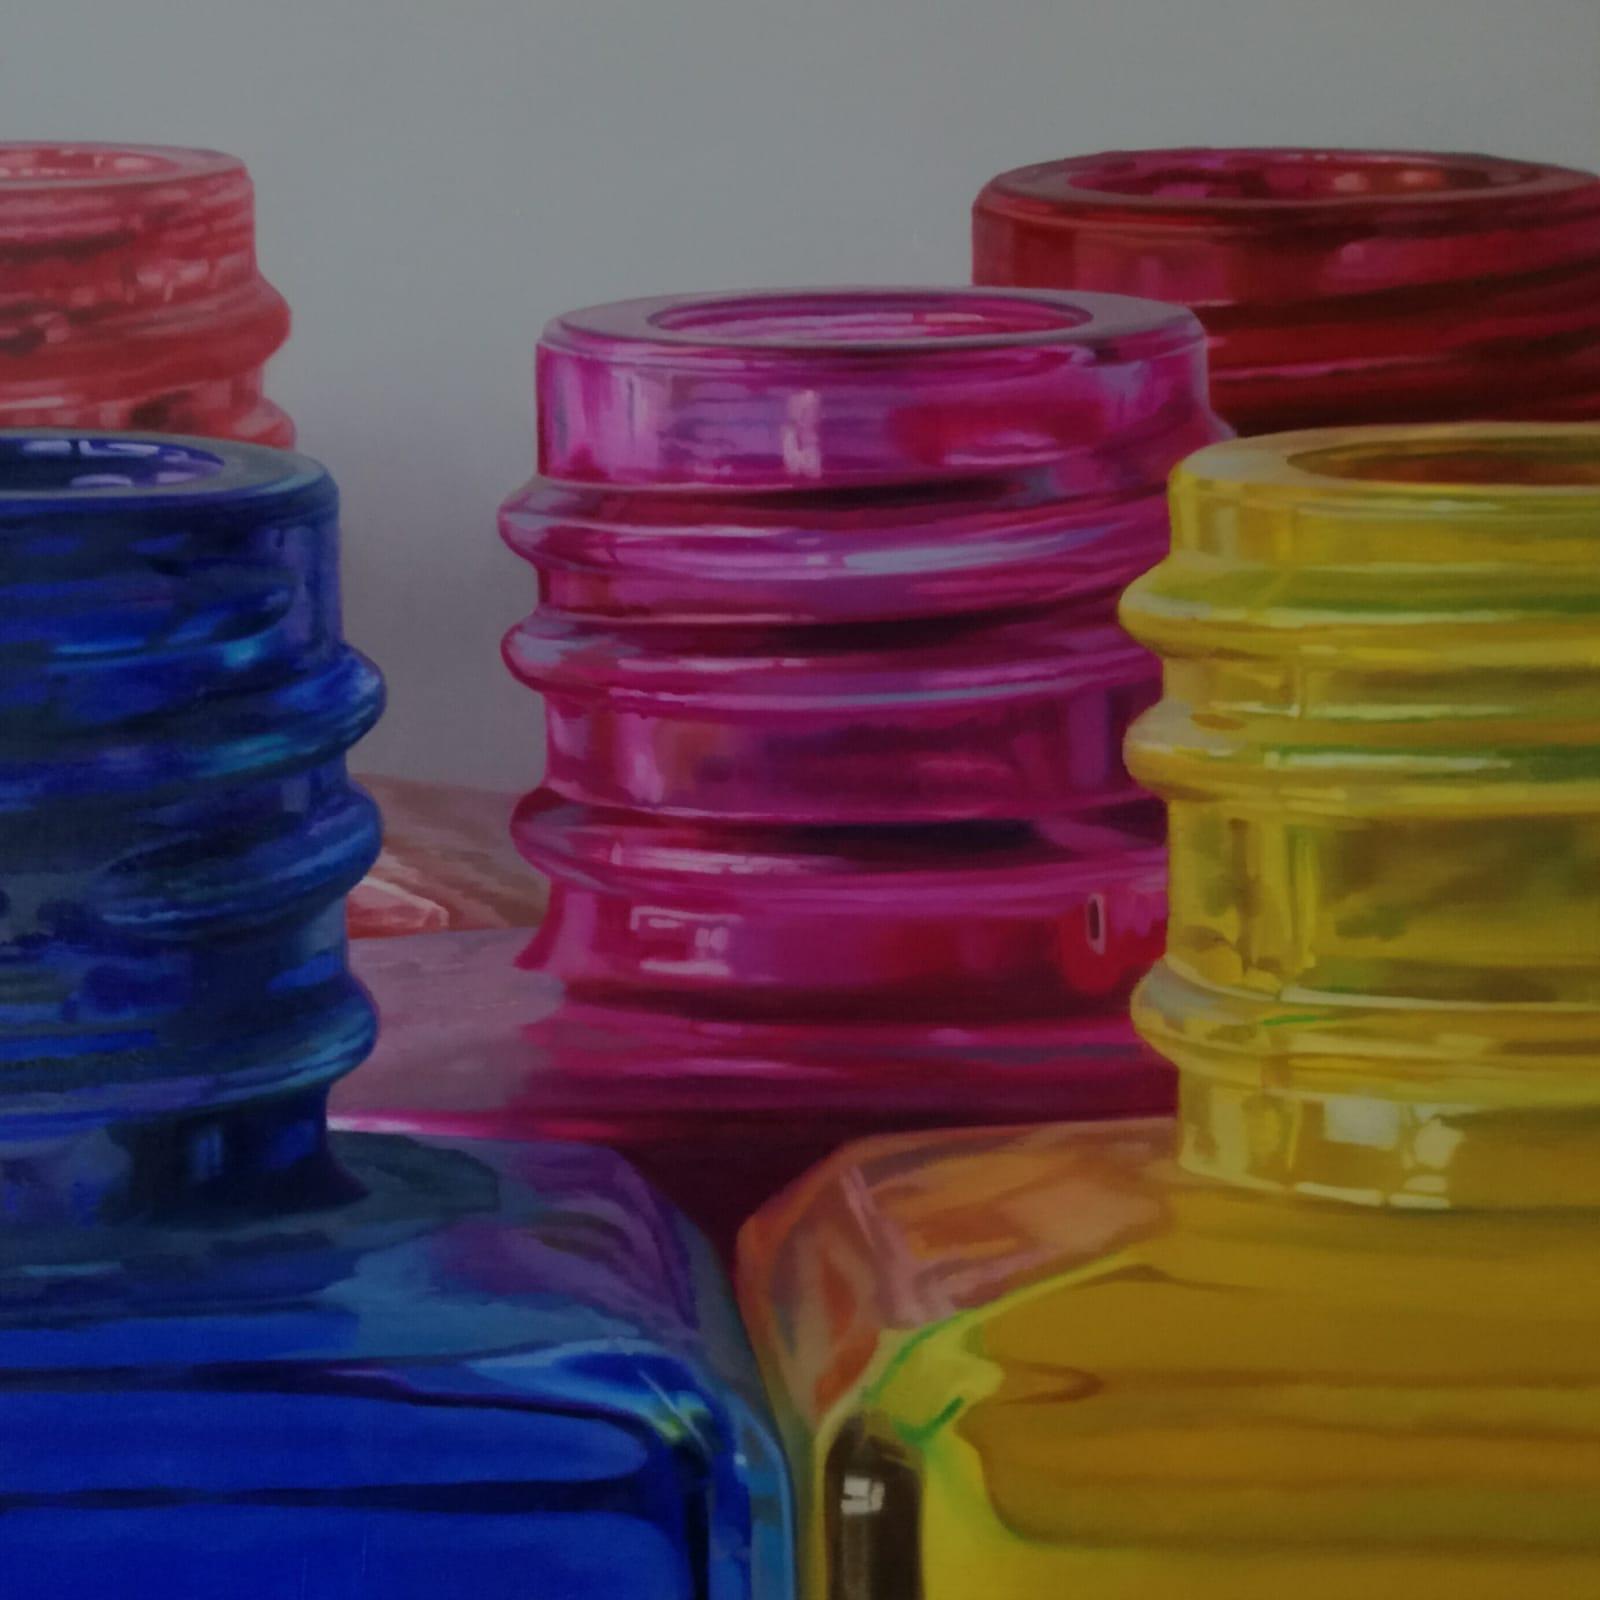 Javier Banegas, Colour Fragment